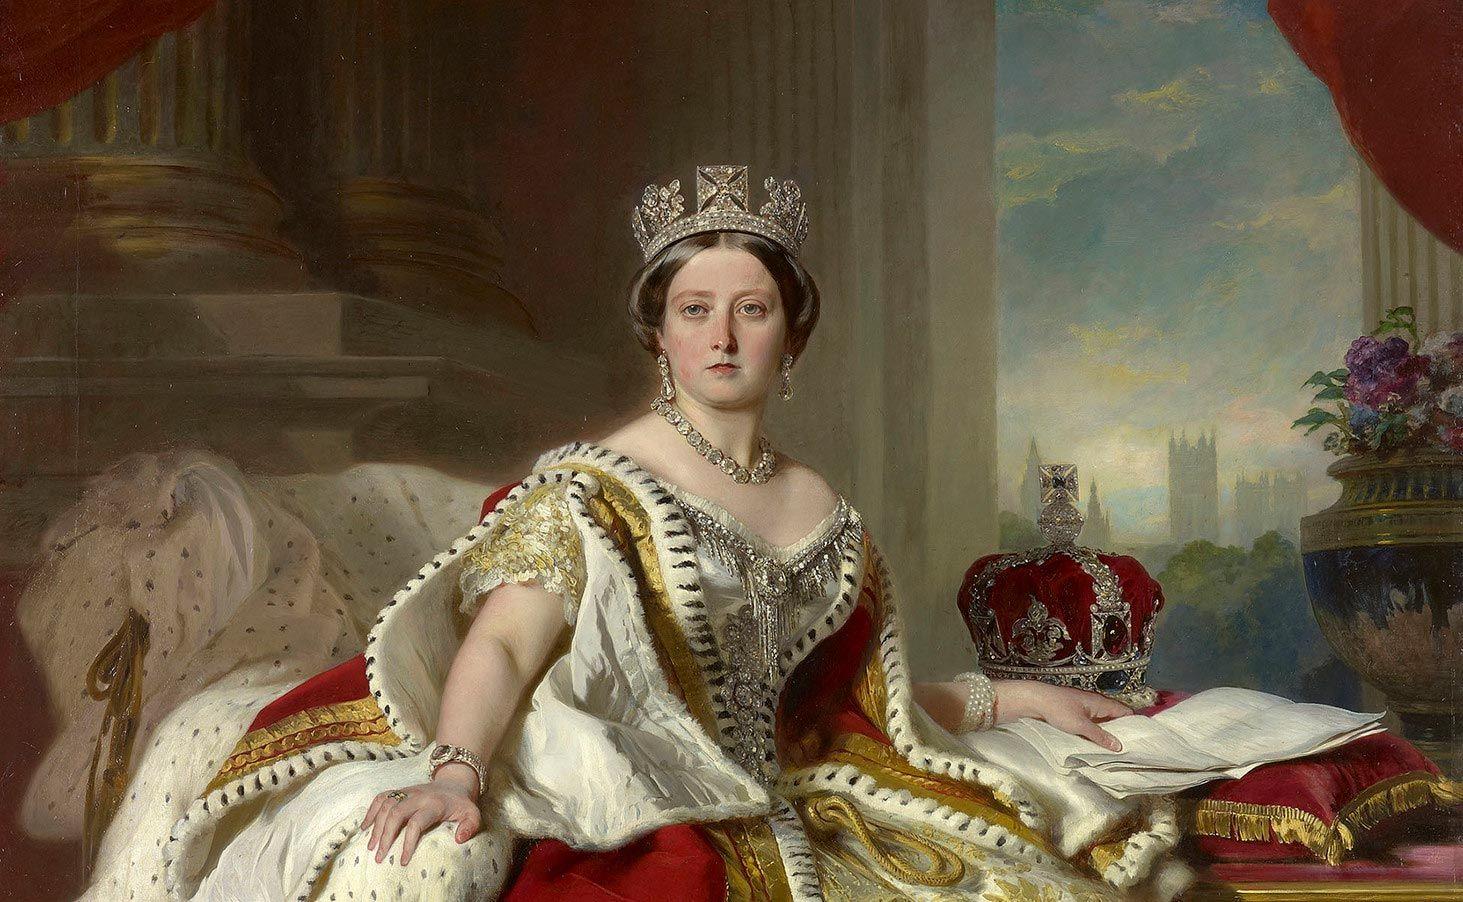 Portrait of Queen Victoria by Franz Xaver Winterhalter, 1859.